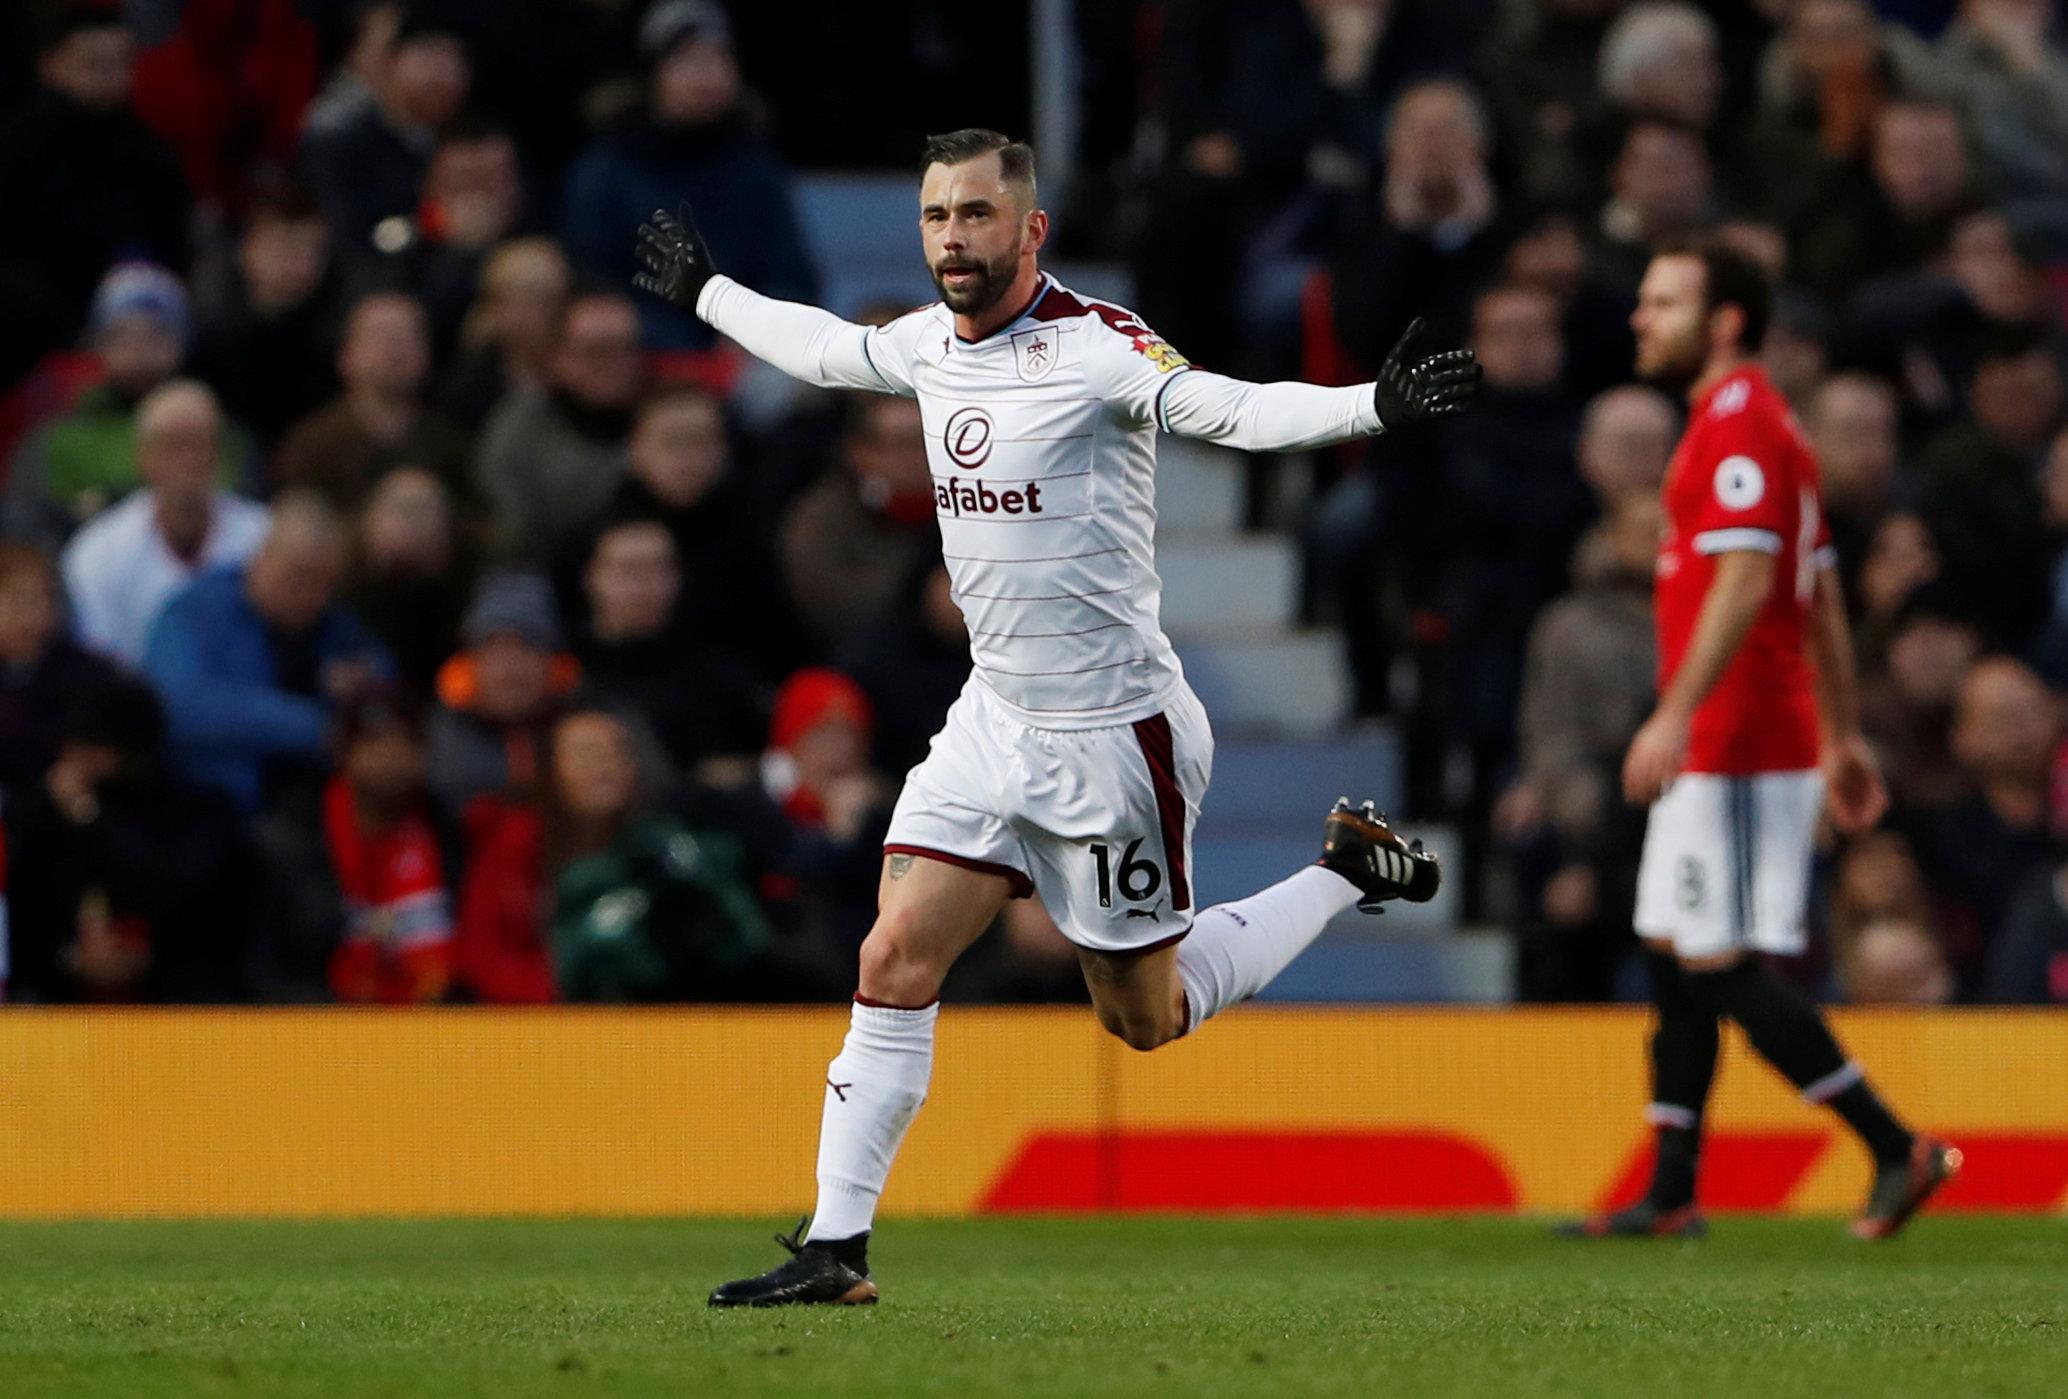 Defour ăn mừng bàn nâng tỉ số lên 2-0 cho Burnley. Ảnh: REUTERS